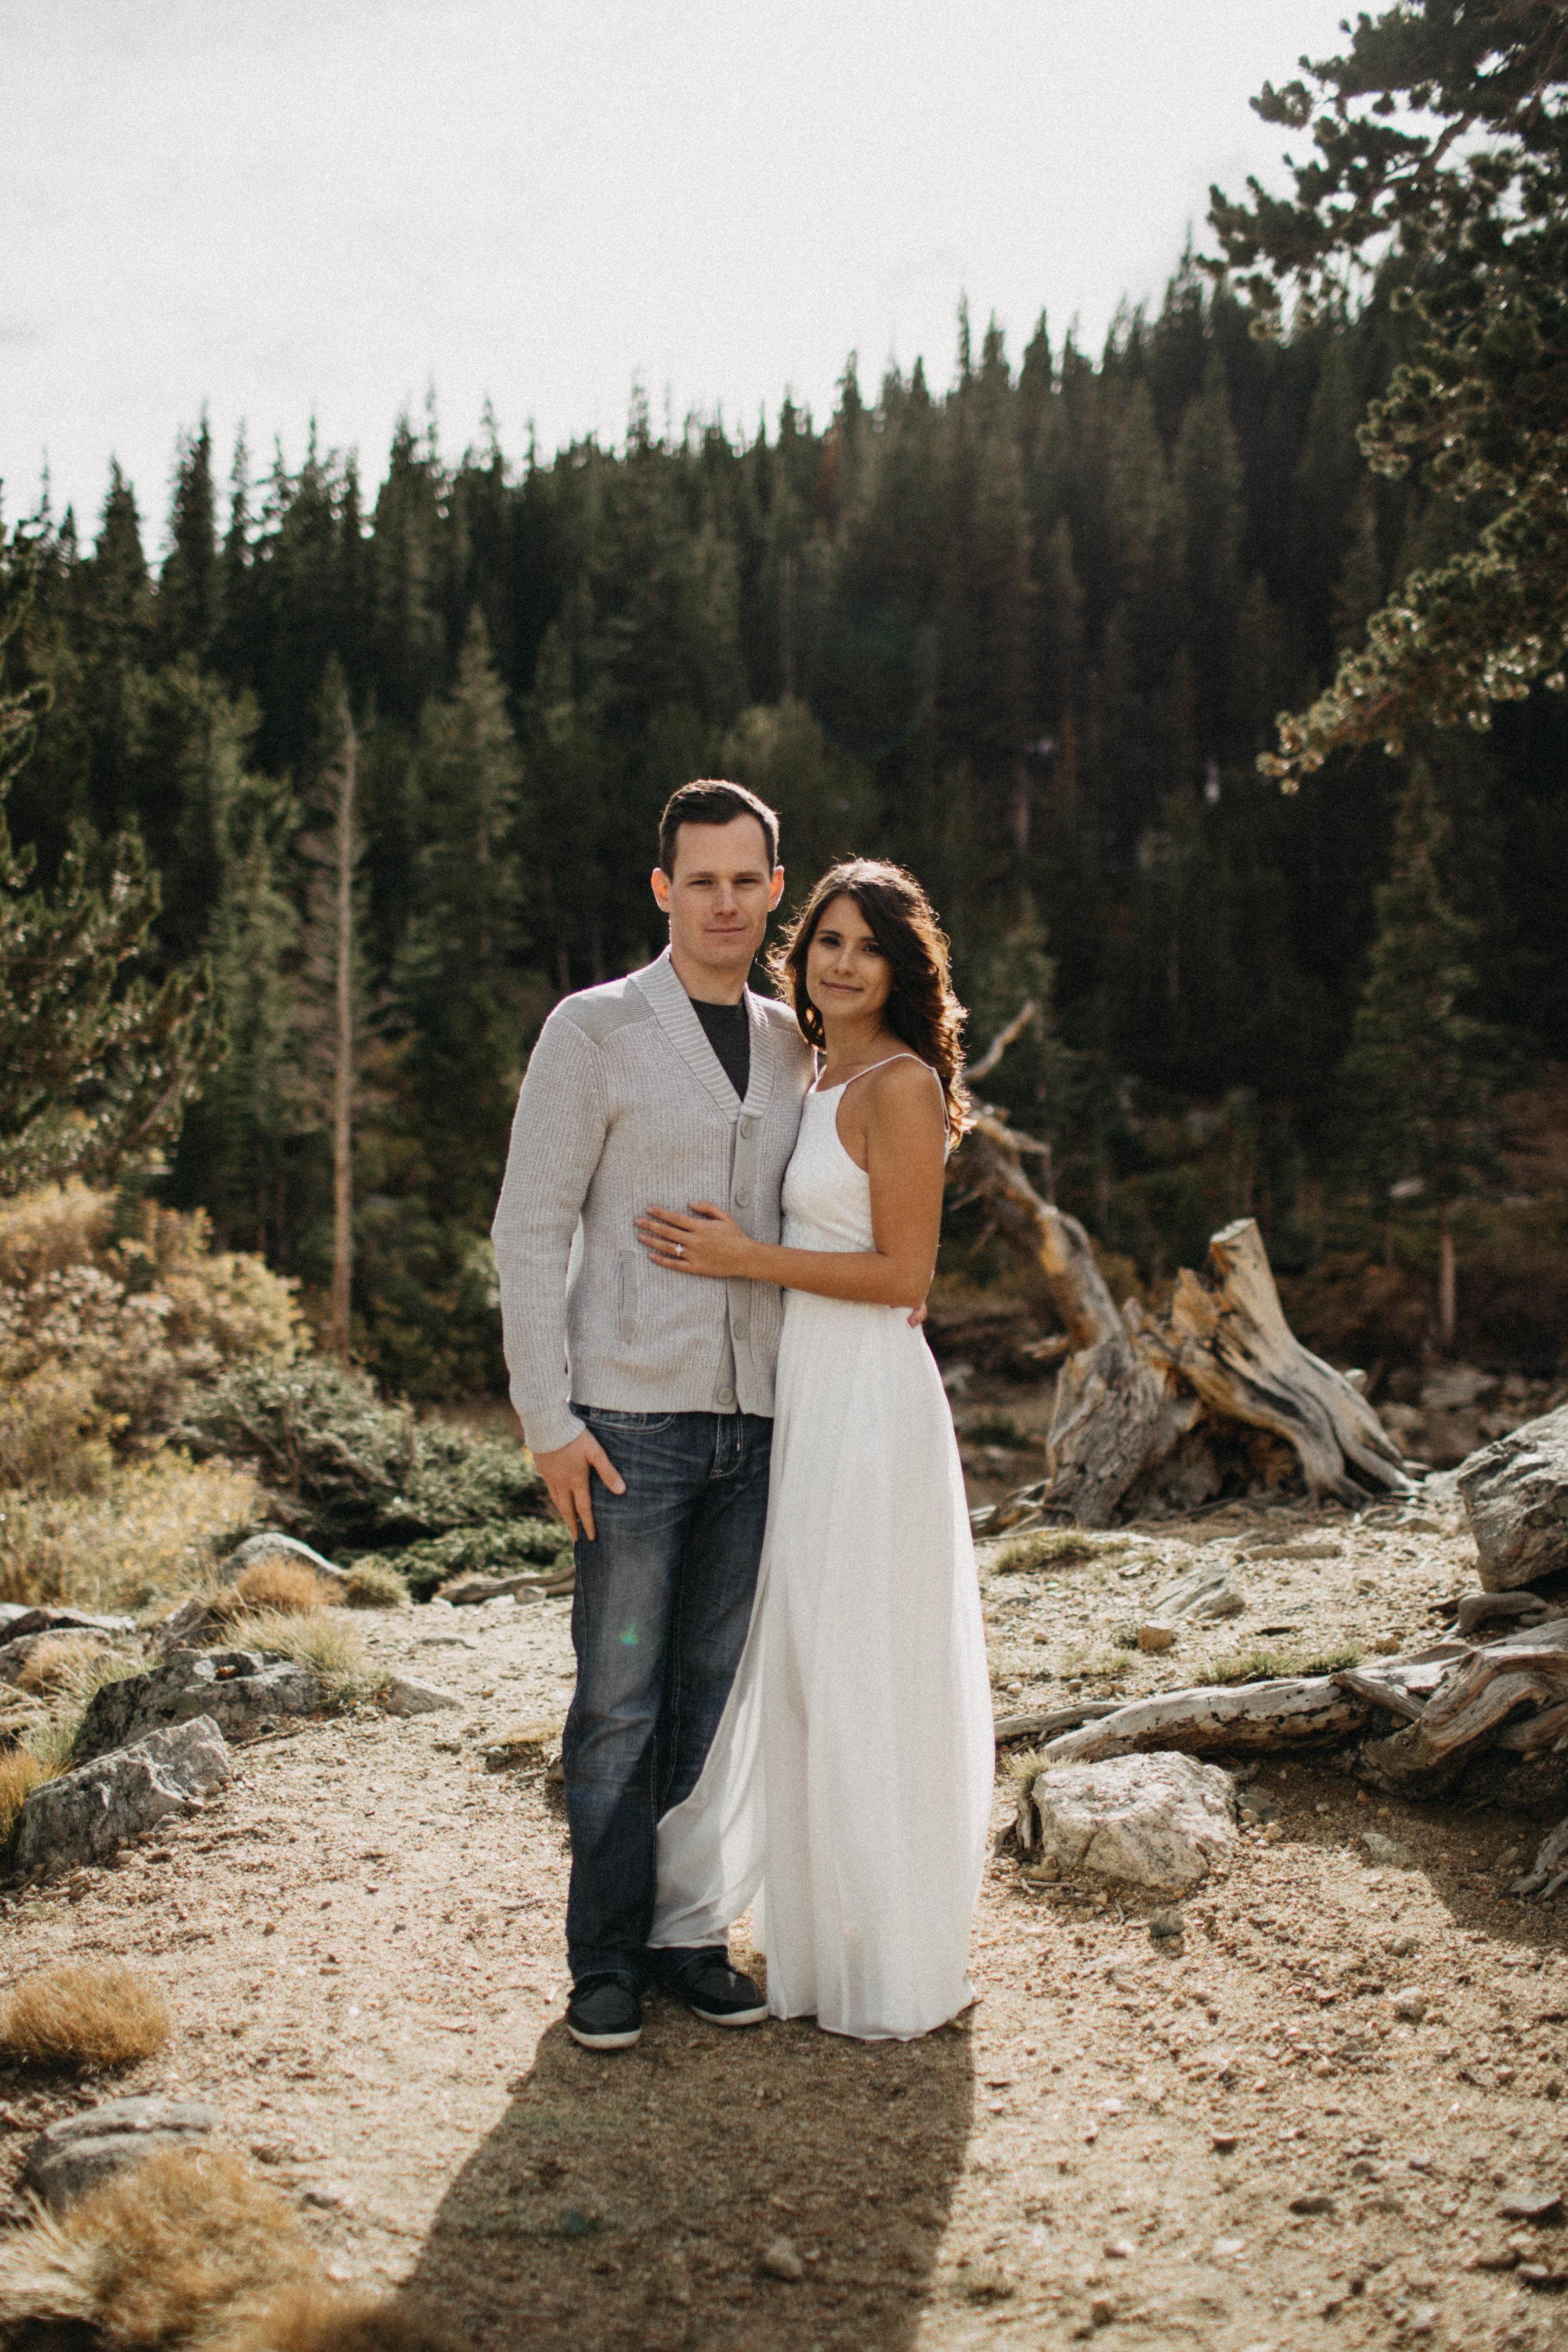 Rocky Mountain Destination Wedding Photographer in Denver, Colorado